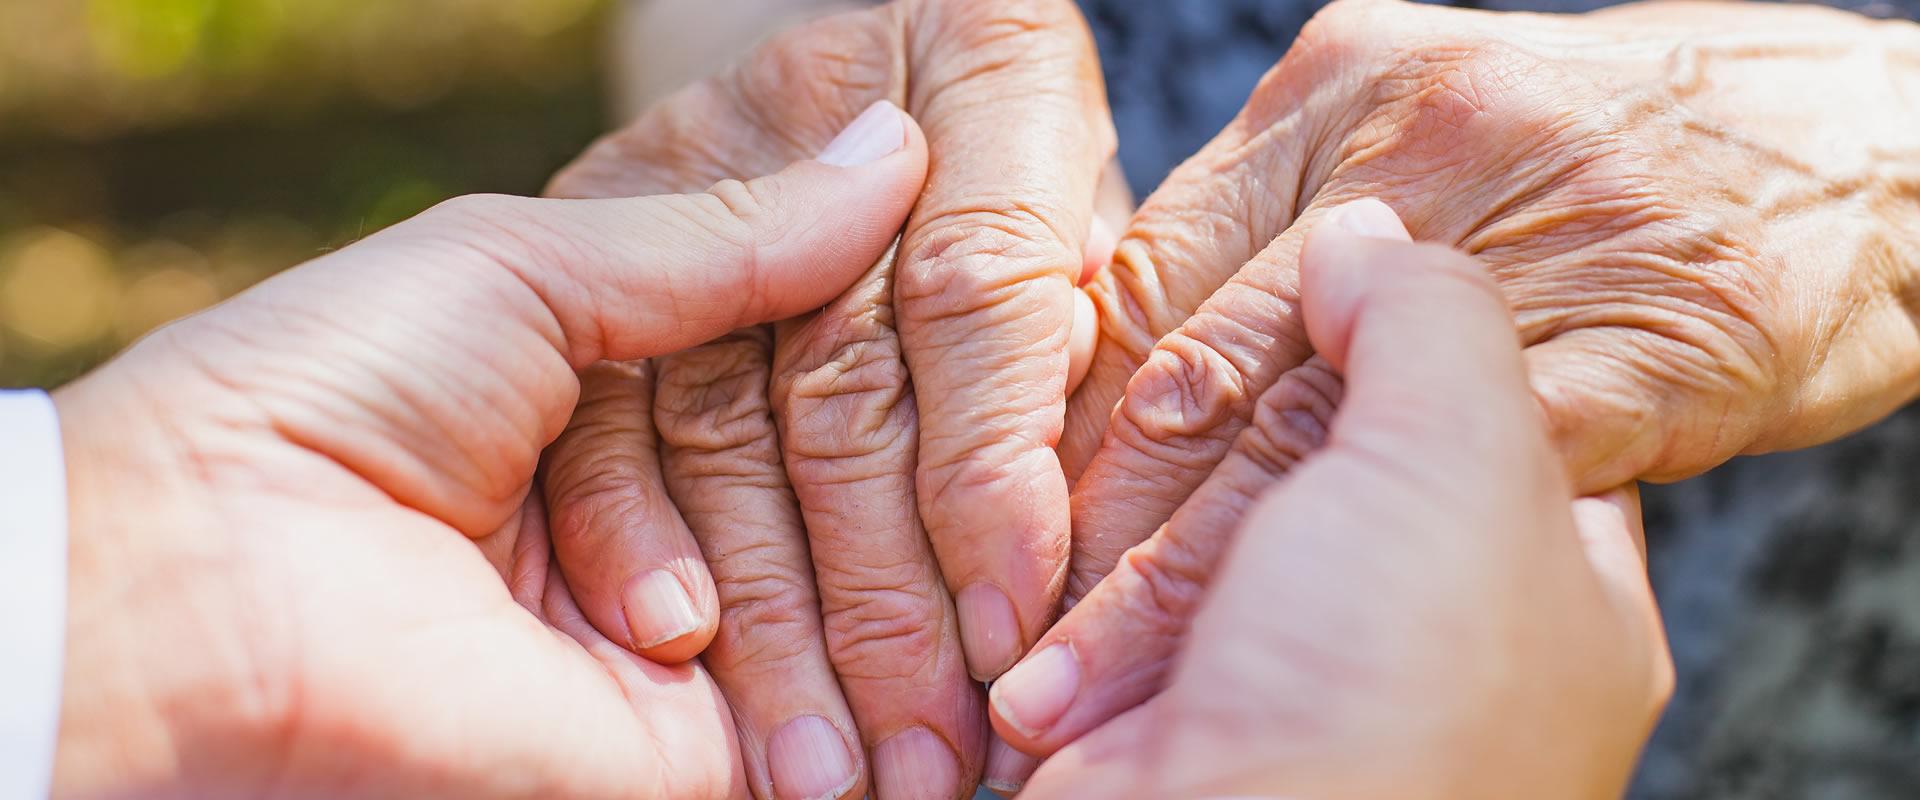 Aplicación desarrollada en Icesi permitiría hacer seguimiento al Parkinson